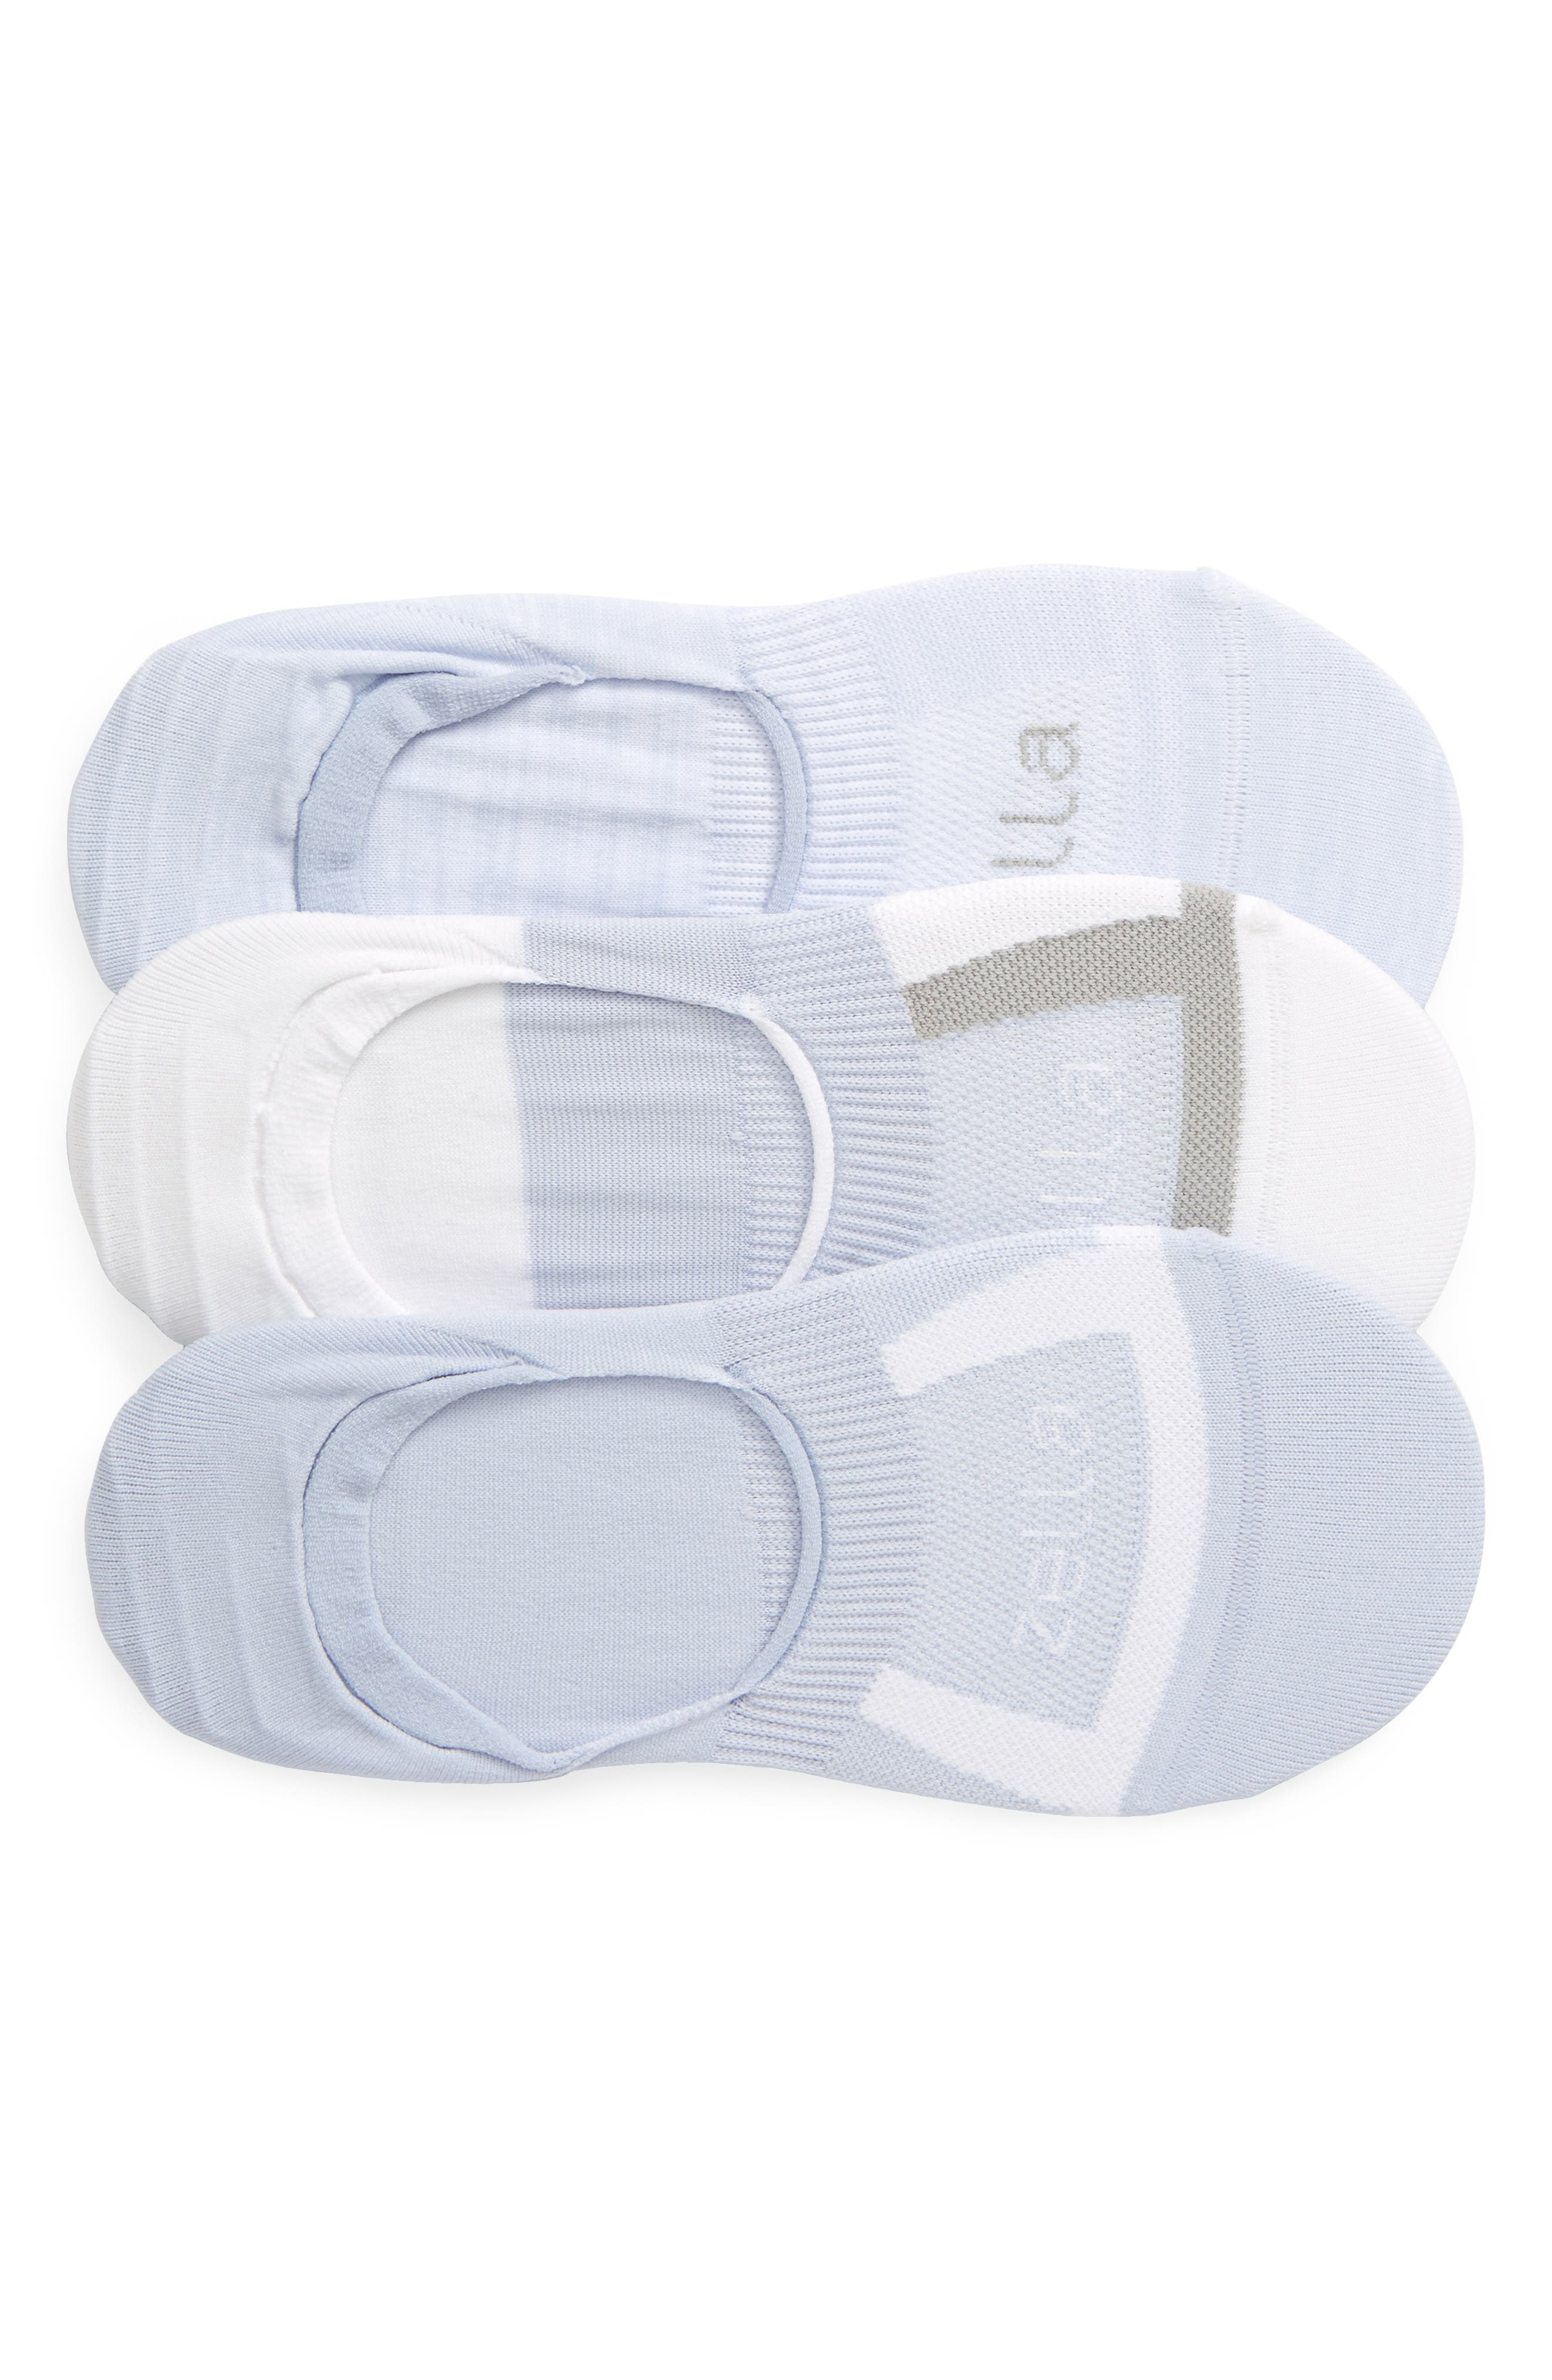 Zella 3-Pack No-Show Socks